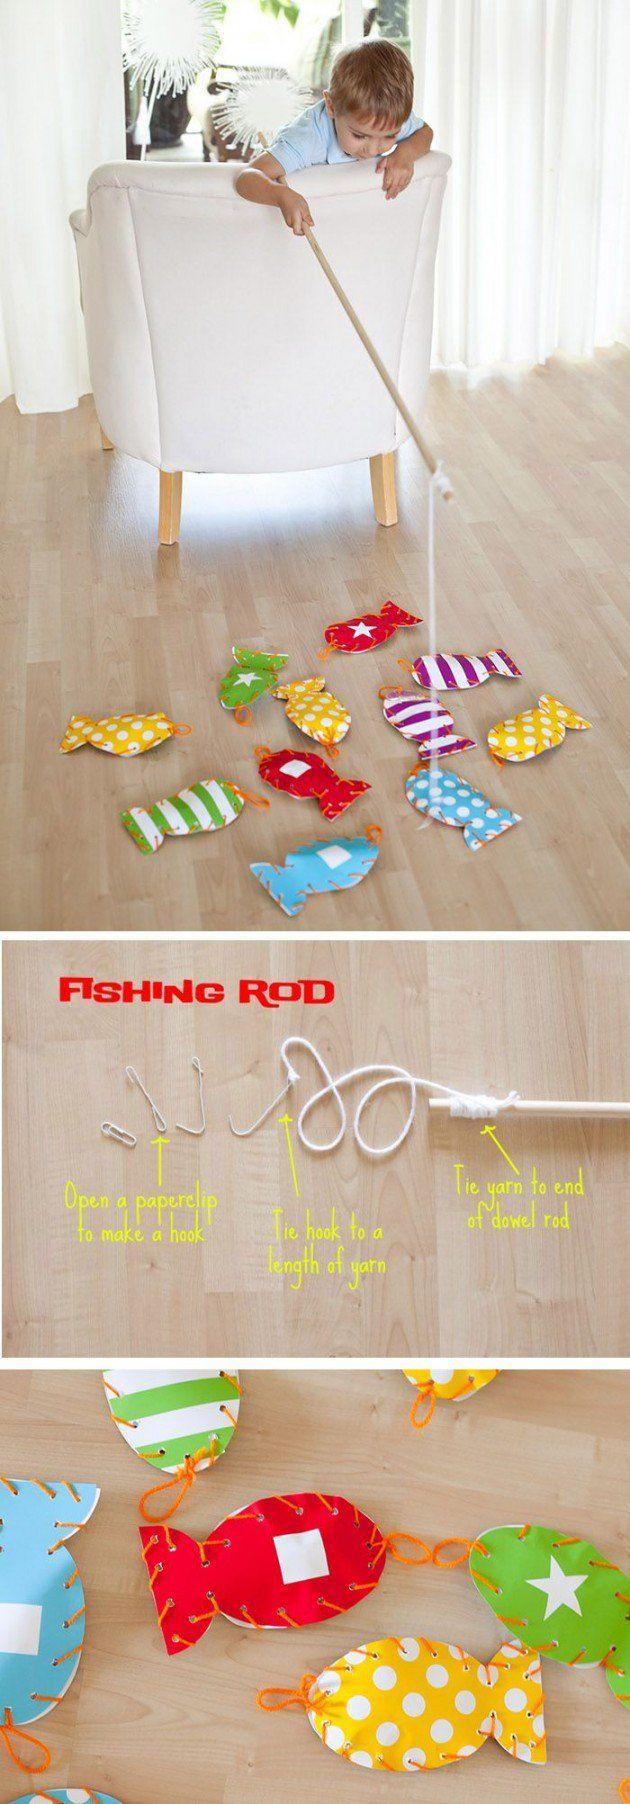 Juego de pesca para niños. Hazlo tú mismo